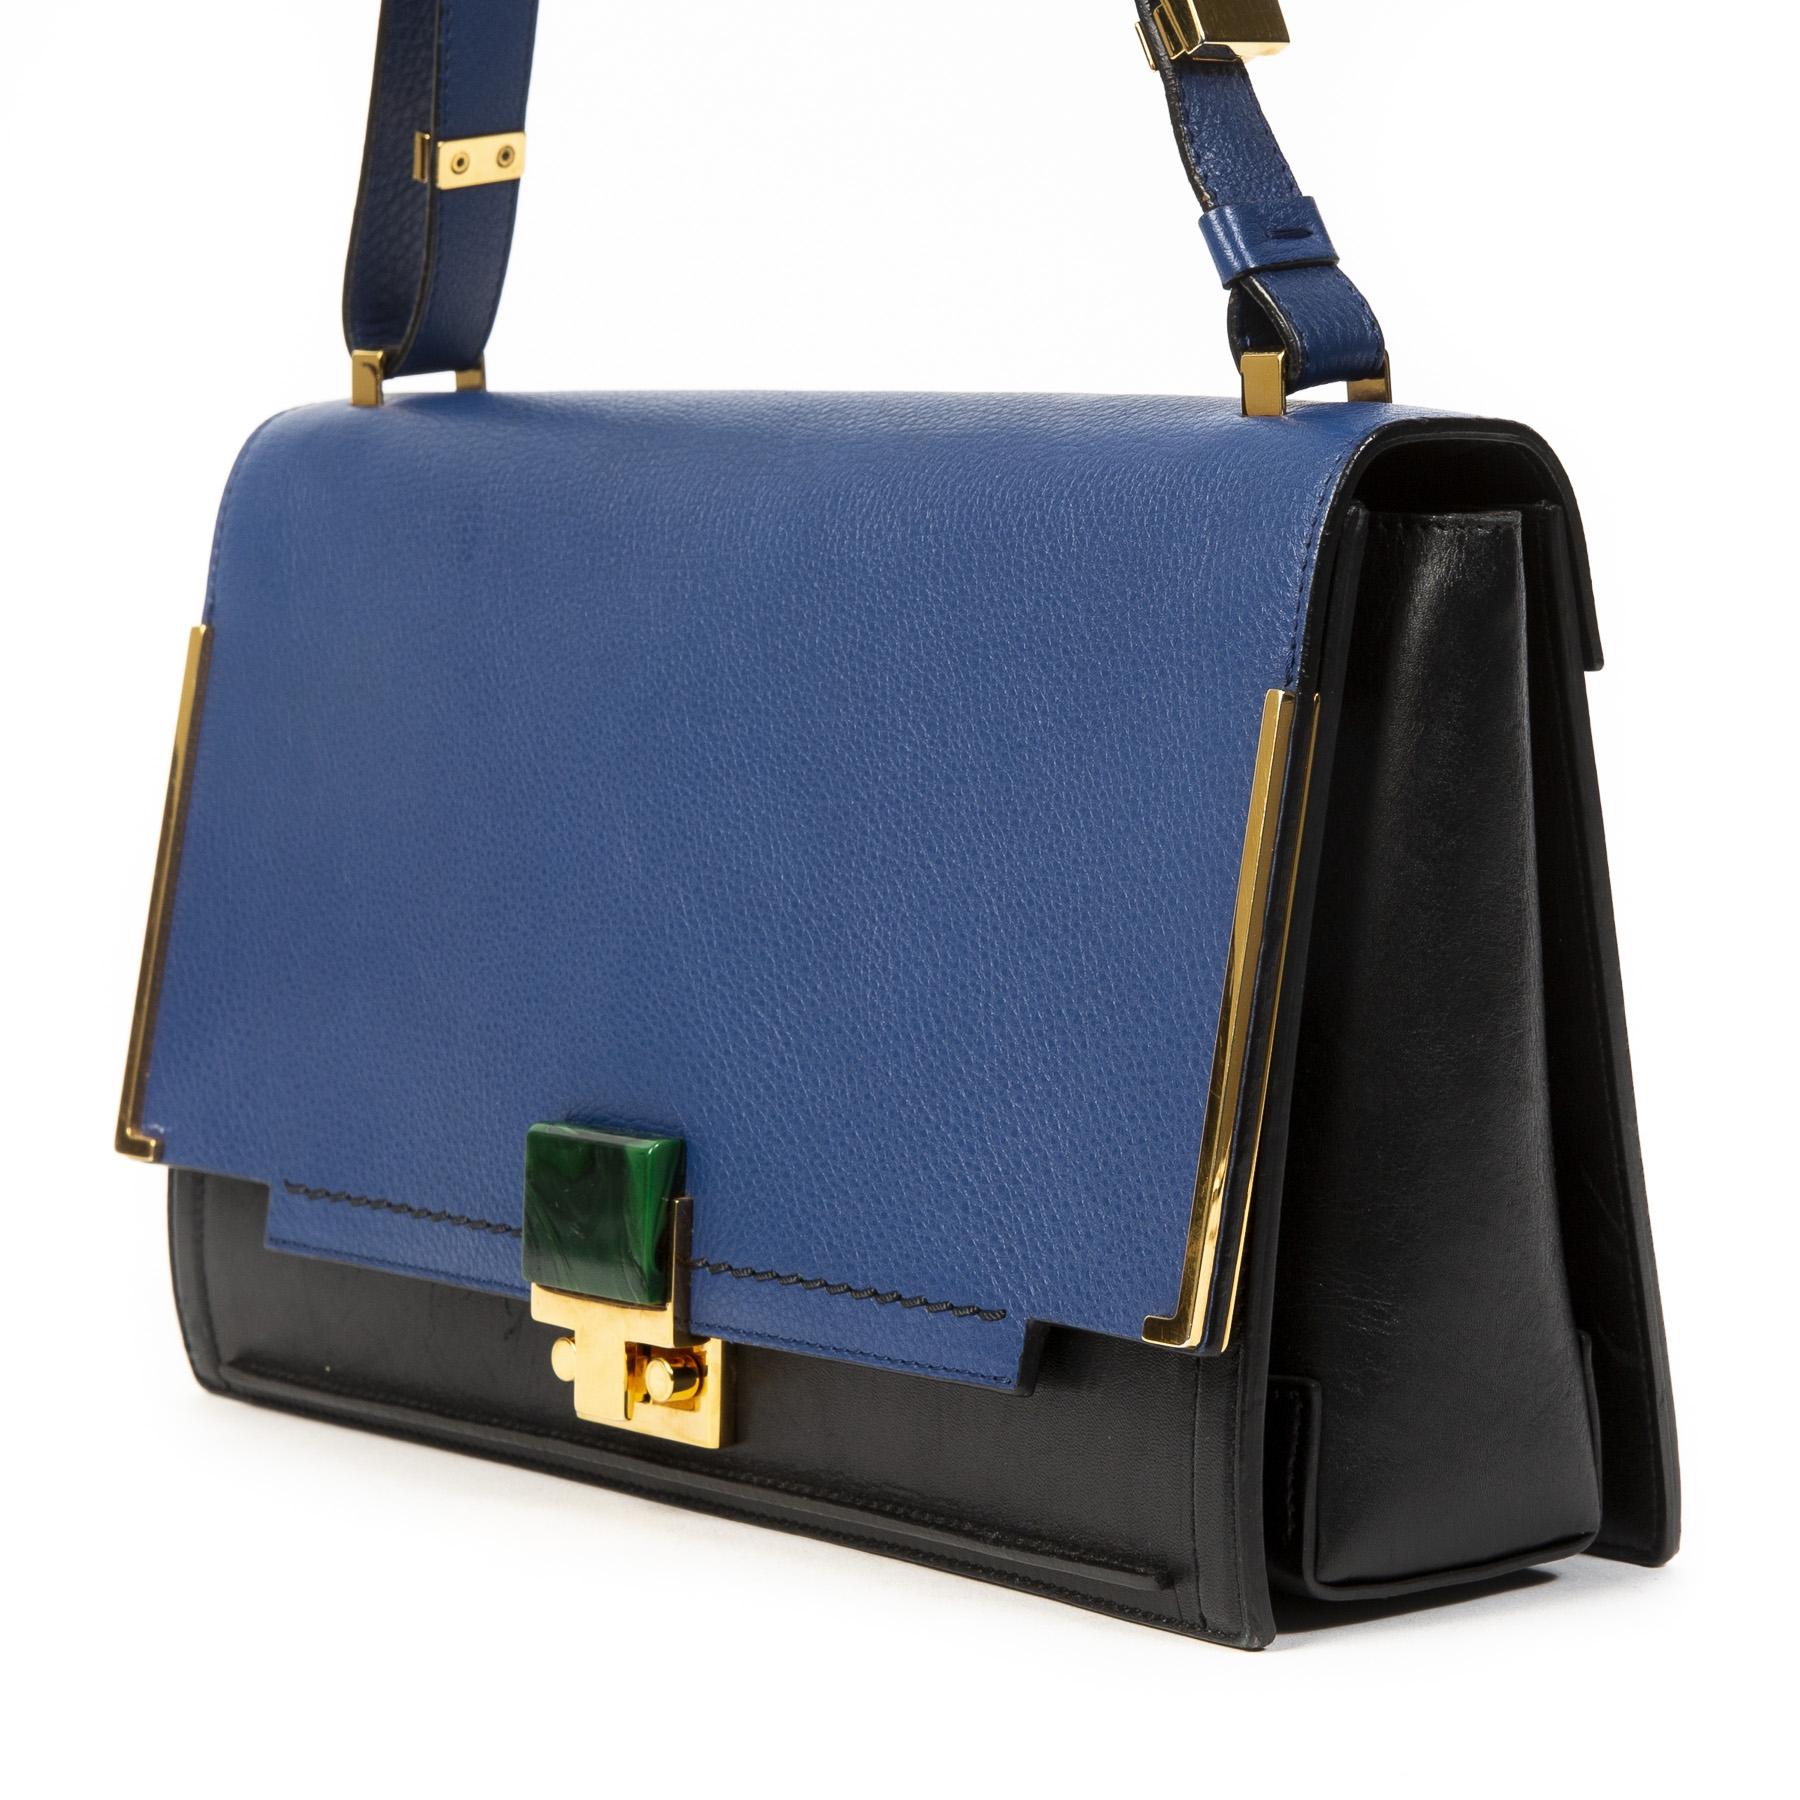 Koop authentieke tweedehands Lanvin Blue New Partition Leather Shoulder Bag juiste prijs veilig online winkelen LabelLOV webshop luxe merken winkelen Antwerpen België mode fashion